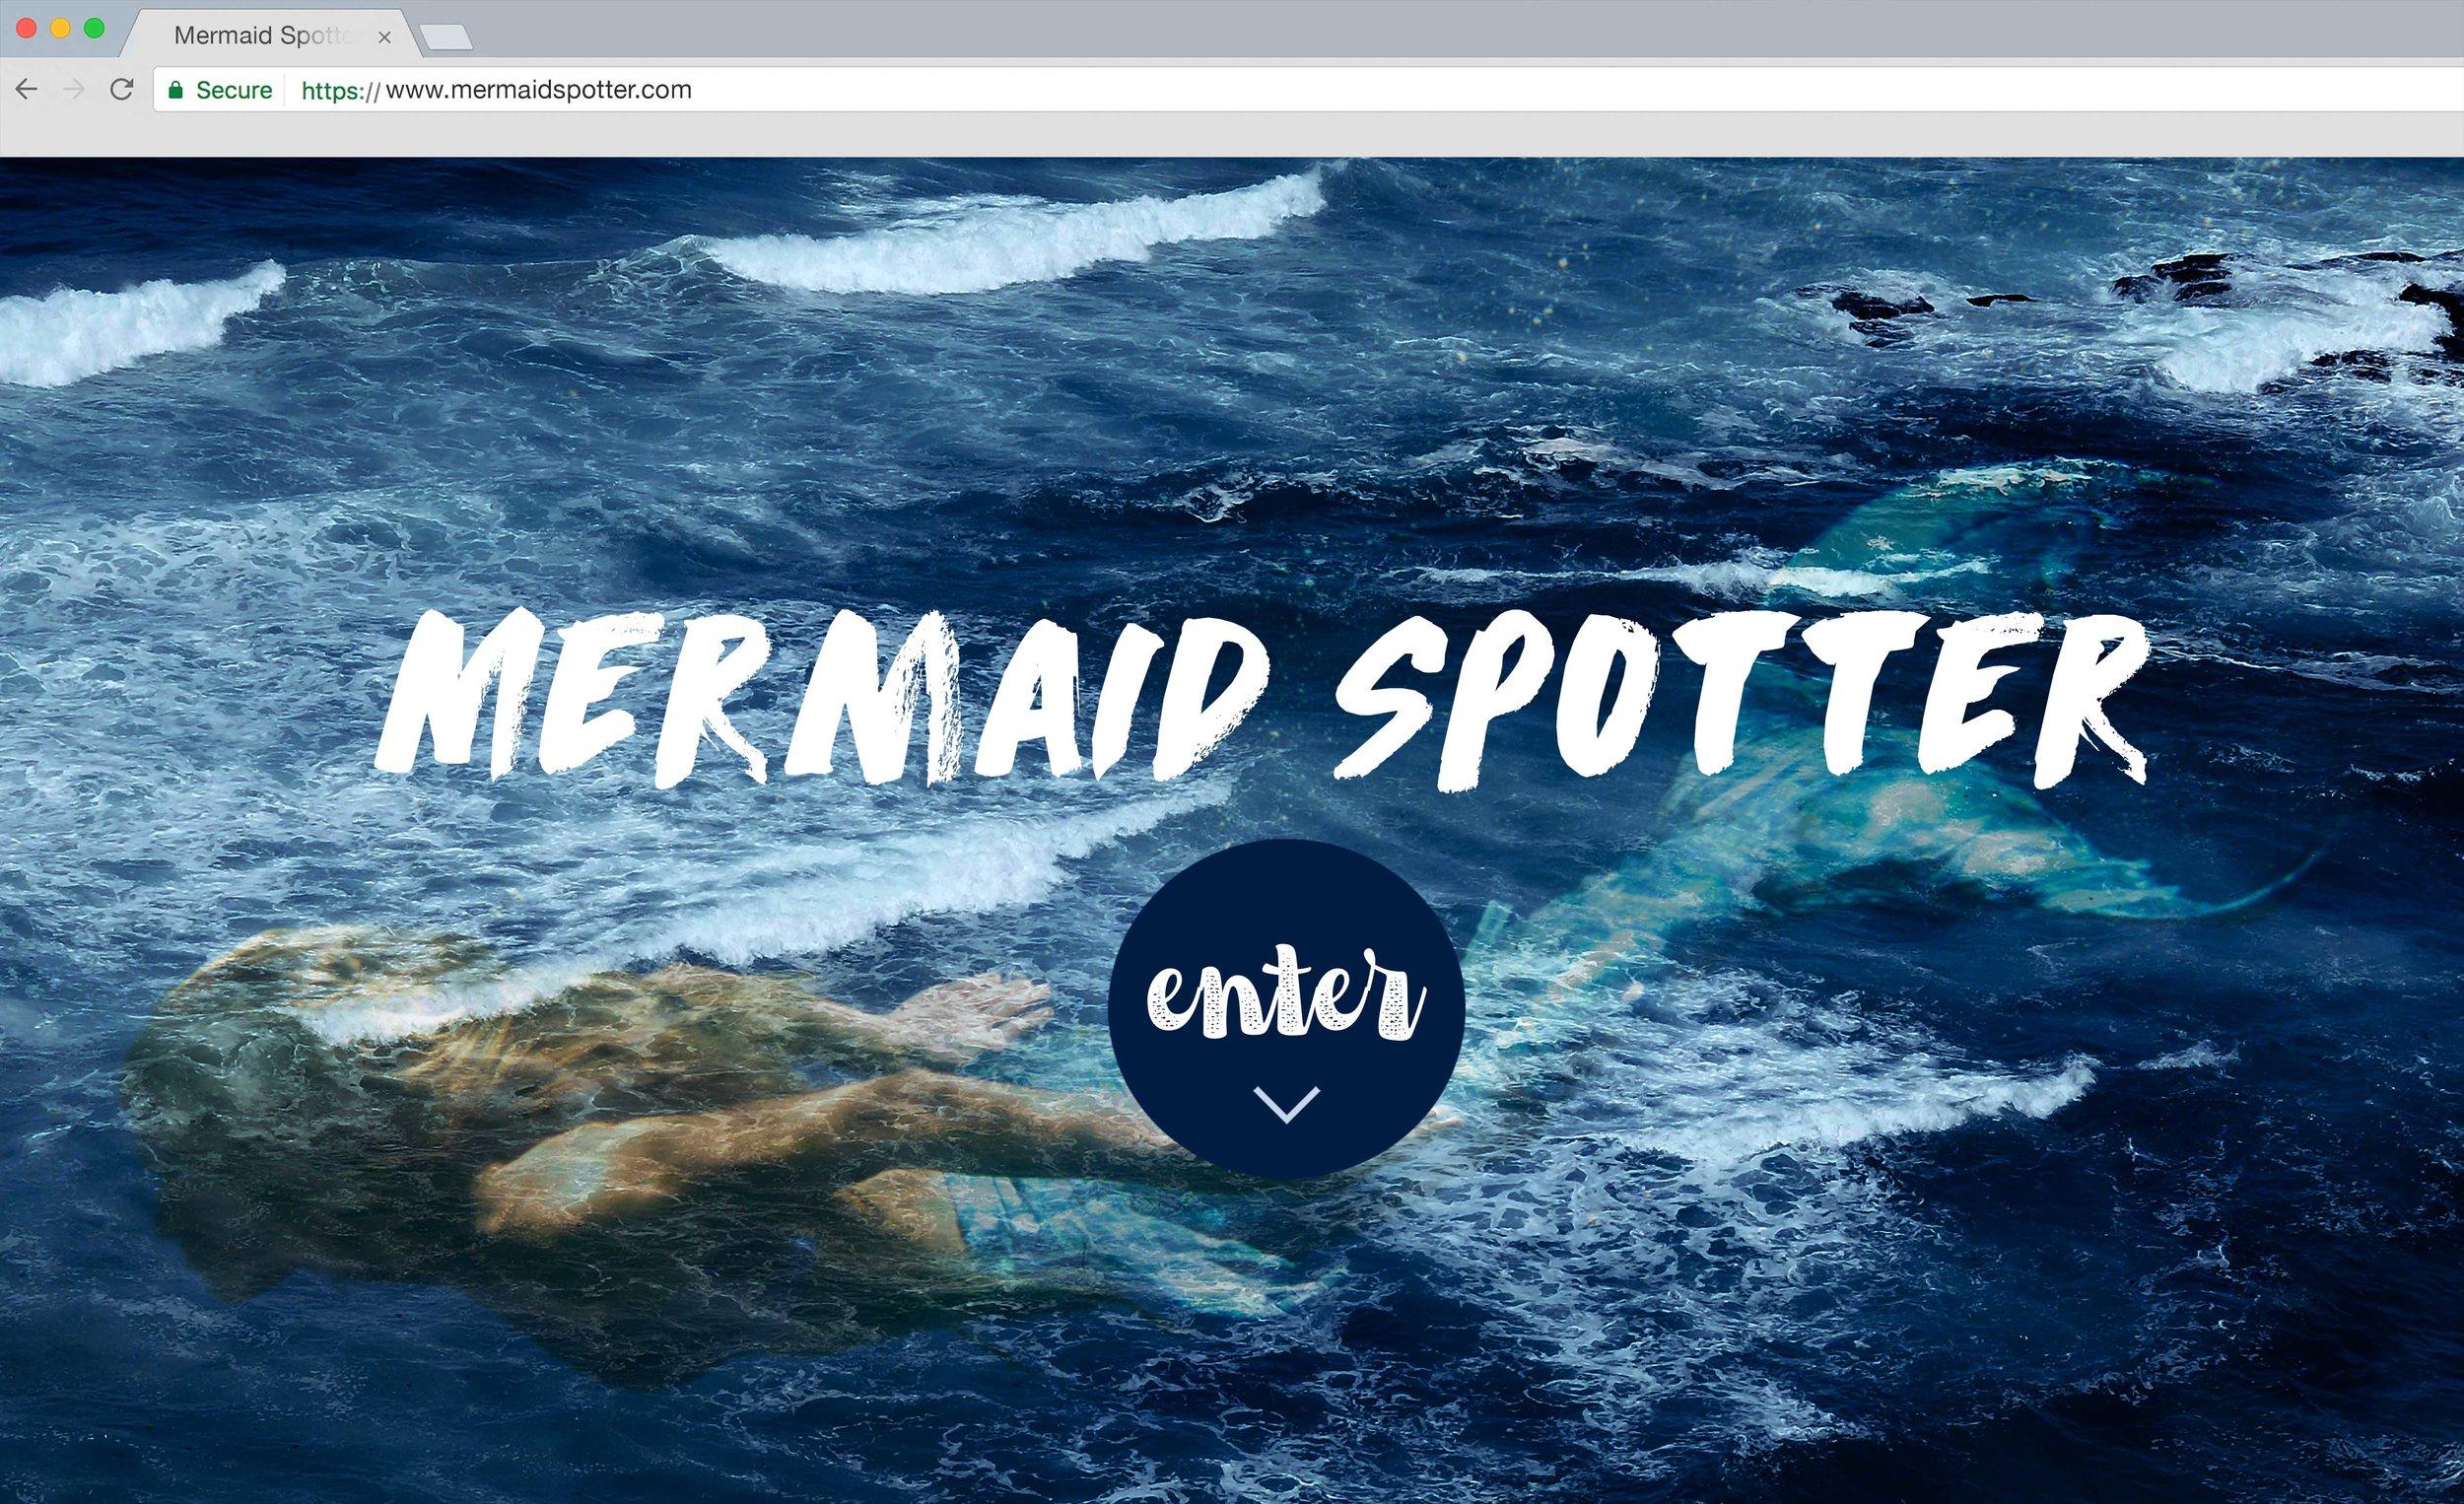 Weekiwachee_mermaidsighting_website1.jpg